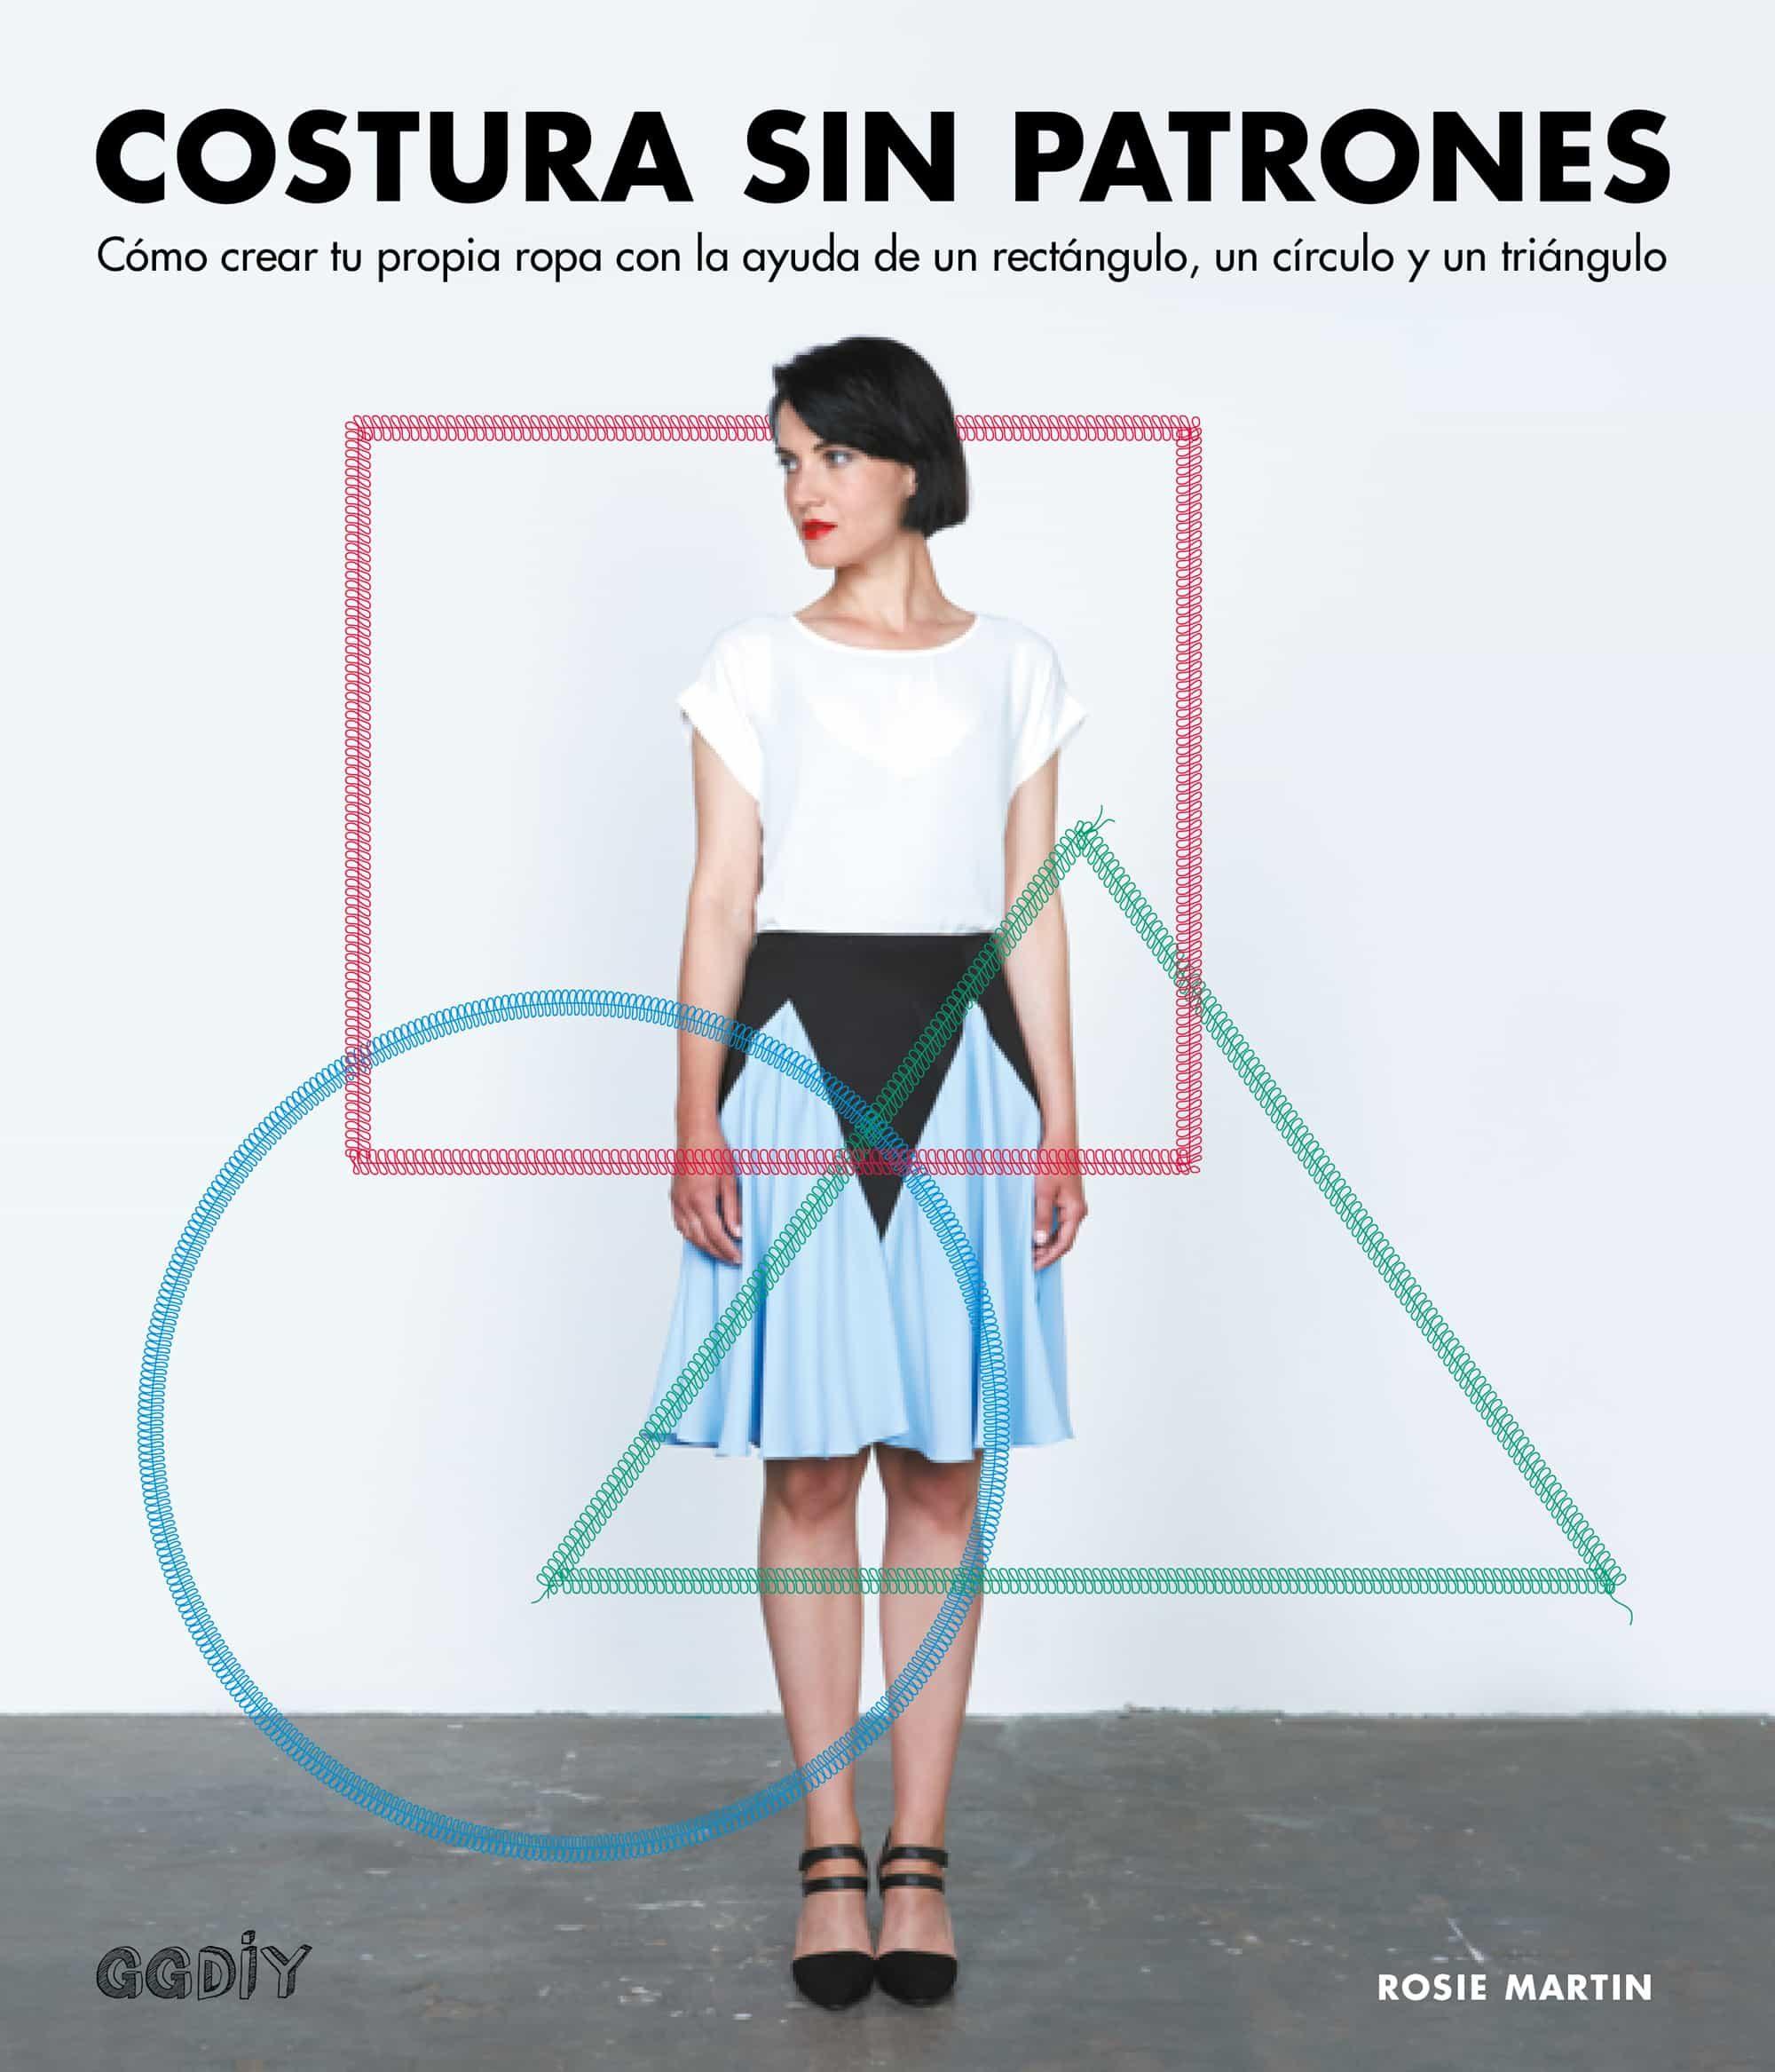 COSTURA SIN PATRONES EBOOK | ROSIE MARTIN | Descargar libro PDF o ...